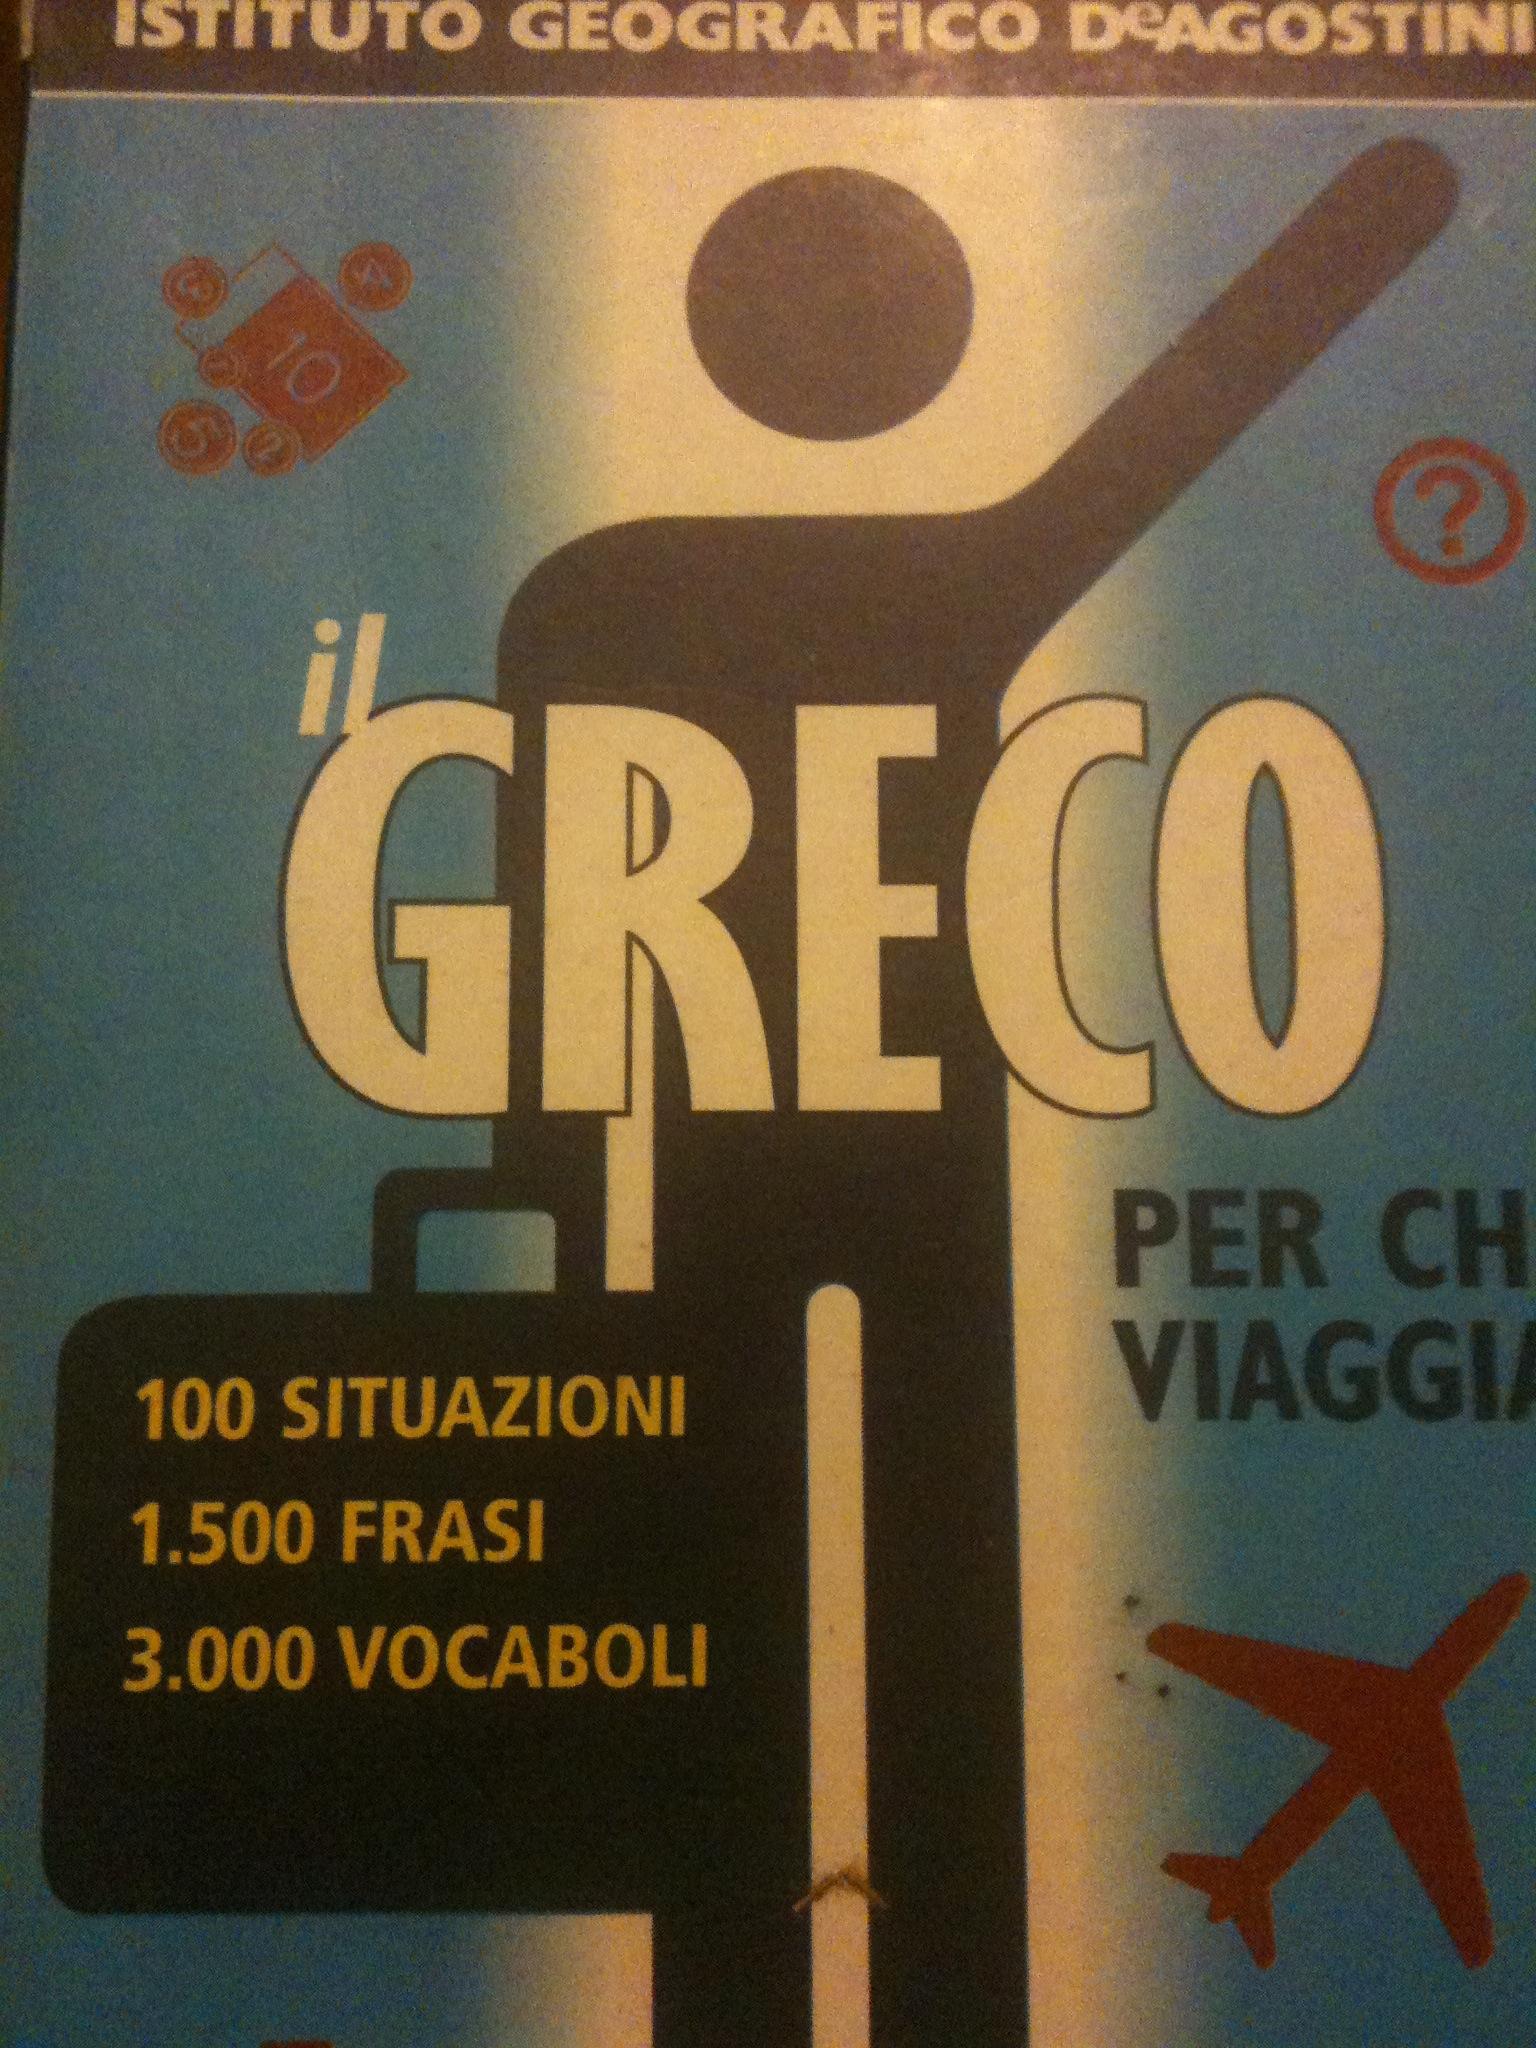 Il greco per chi viaggia